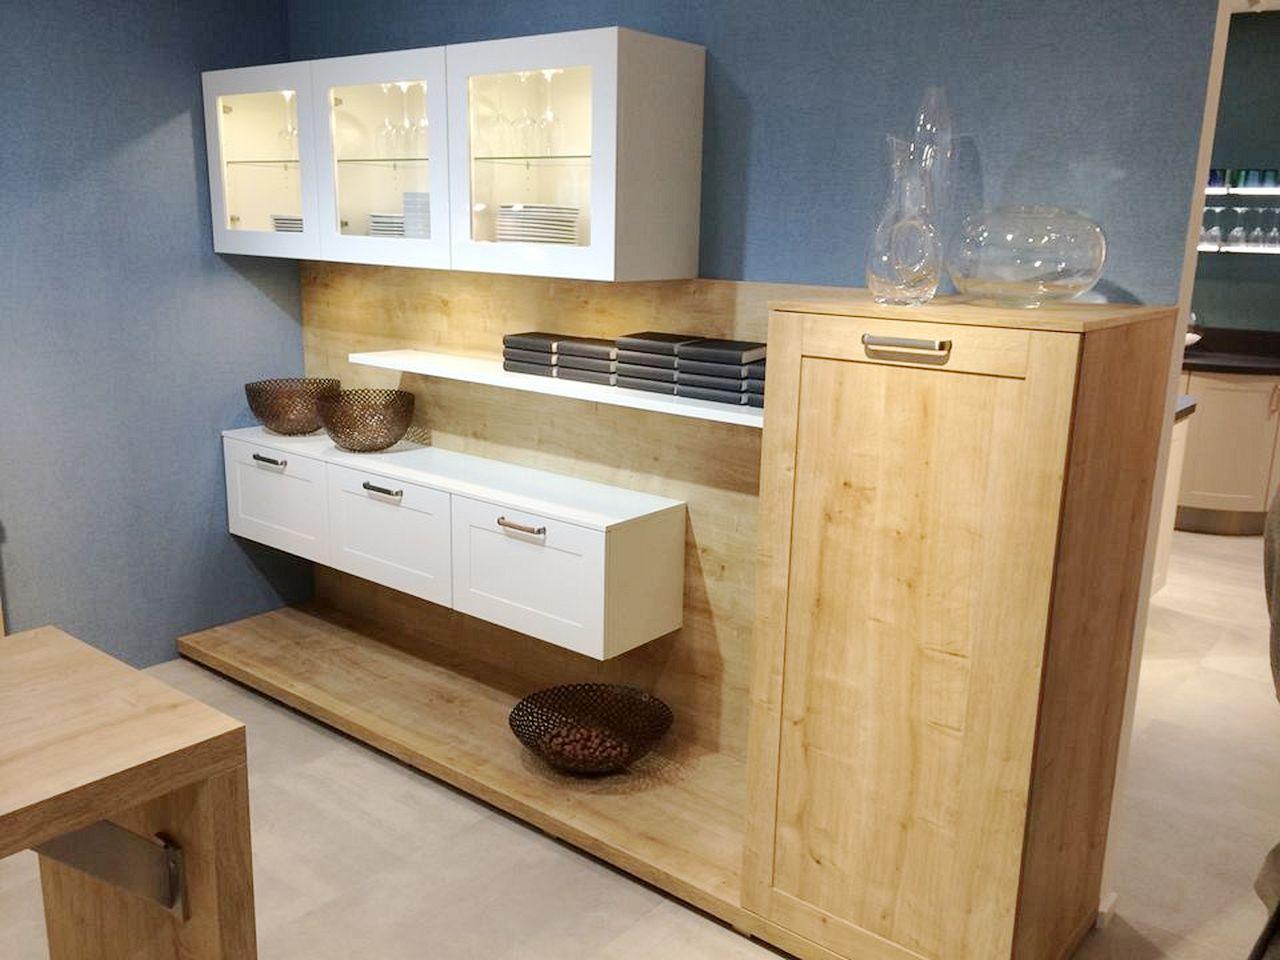 Full Size of Massivholzküche Modern Massivholzkche Wieviel Holz Steckt Tatschlich In Der Kche Moderne Esstische Tapete Küche Deckenlampen Wohnzimmer Bett Design Wohnzimmer Massivholzküche Modern